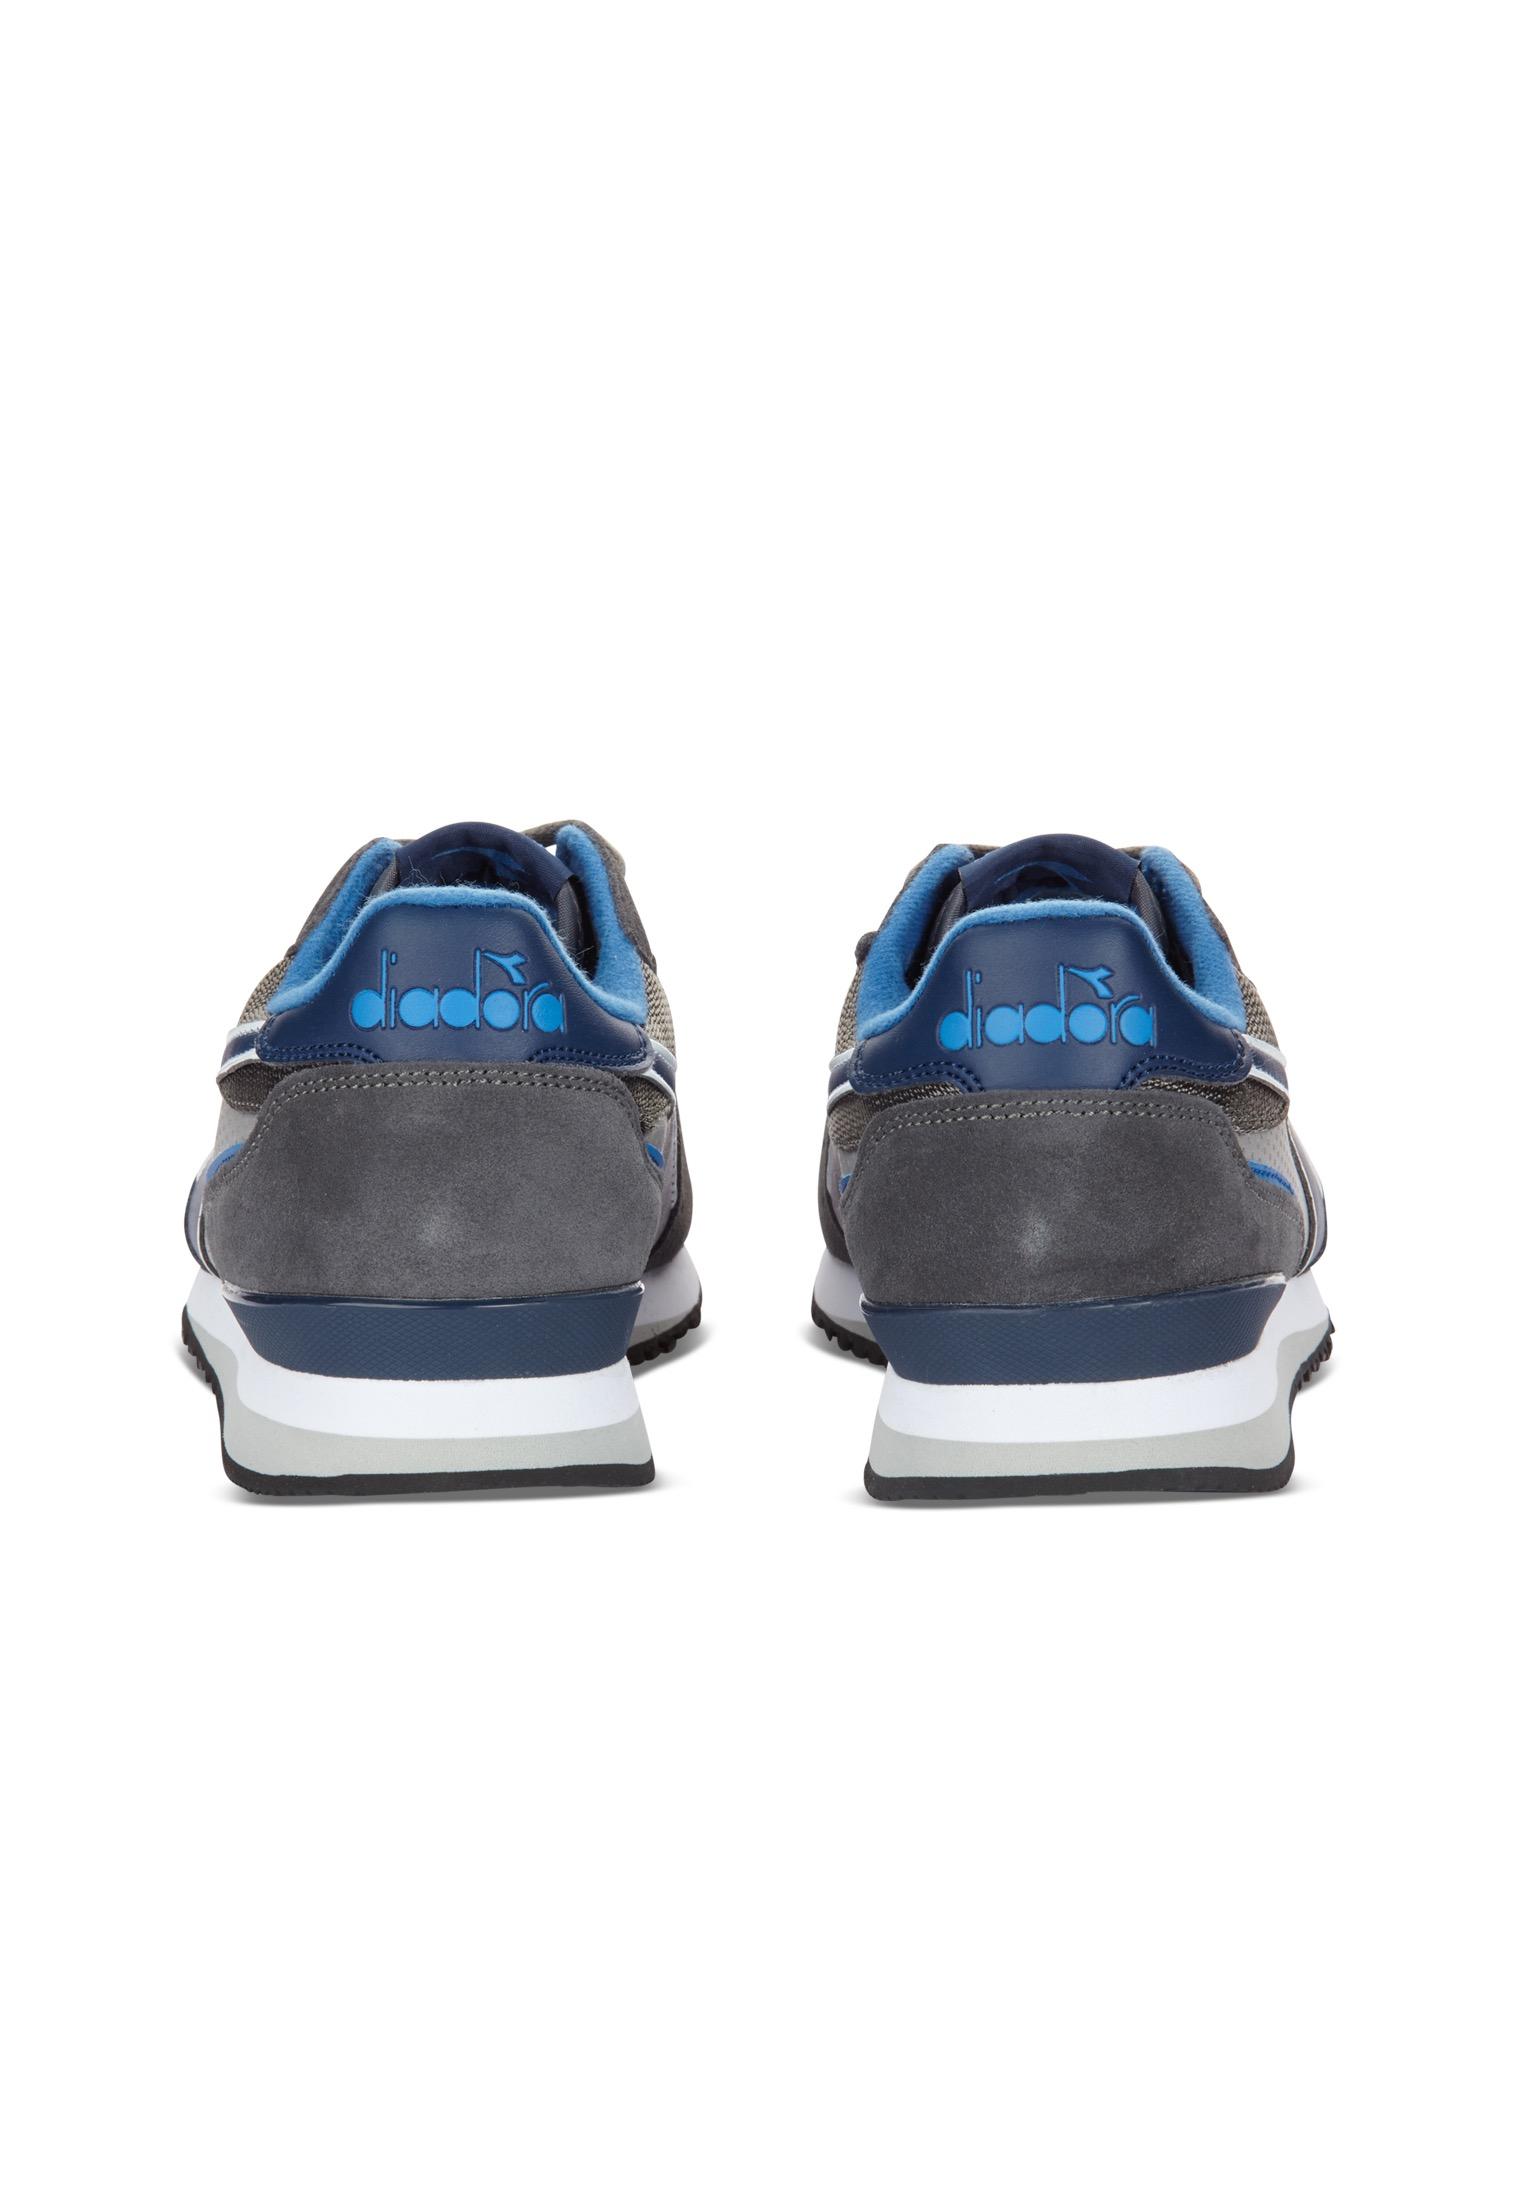 Diadora-Zapatillas-de-Deporte-MALONE-S-para-hombre-y-mujer miniatura 7